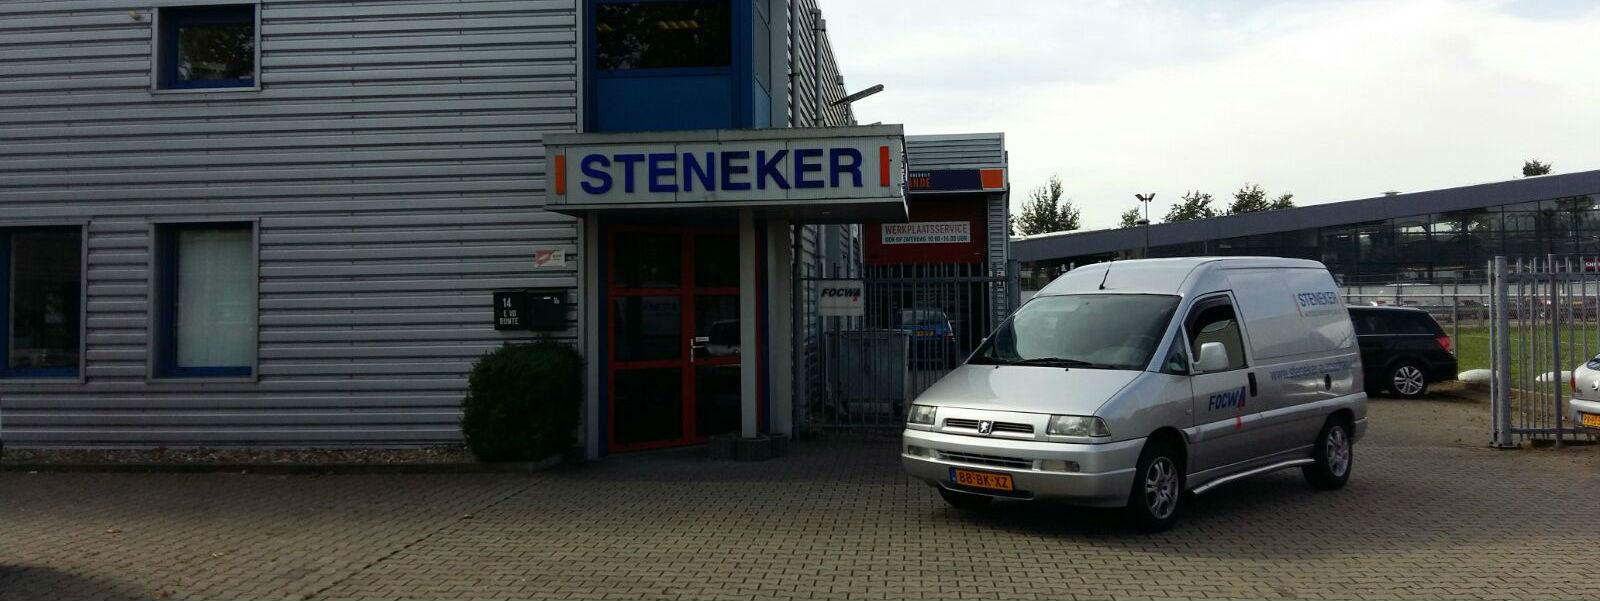 Steneker locatie pand bedrijf